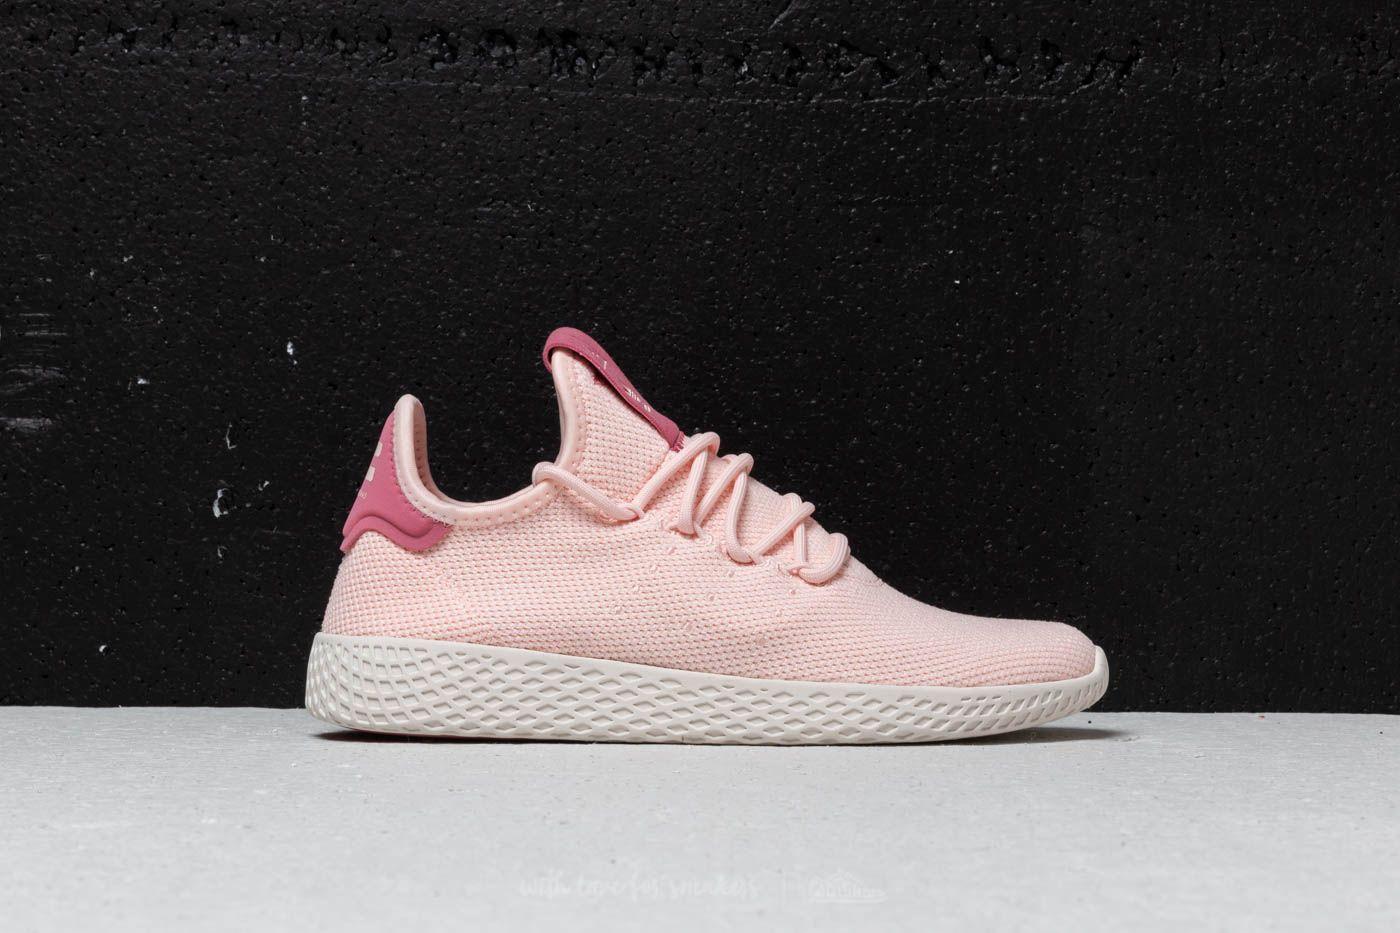 5632b2f0b5e9c adidas x Pharrell Williams Tennis HU Woman